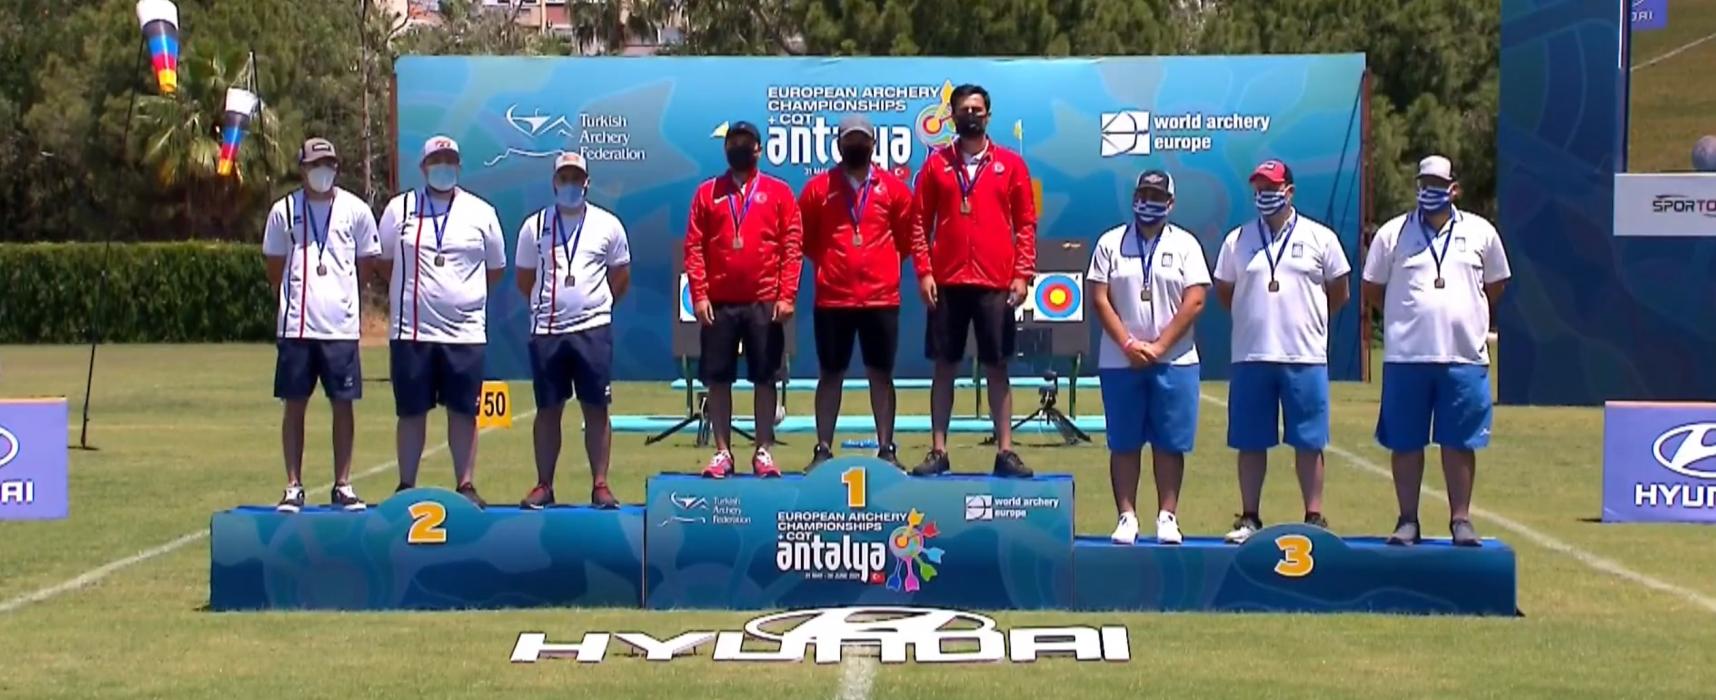 Η Εθνική Ομάδα Σύνθετου Τόξου Ανδρών κατέκτησε το χάλκινο μετάλλιο στους Πανευρωπαϊκούς Αγώνες Τοξοβολίας στην Αττάλεια της Τουρκίας